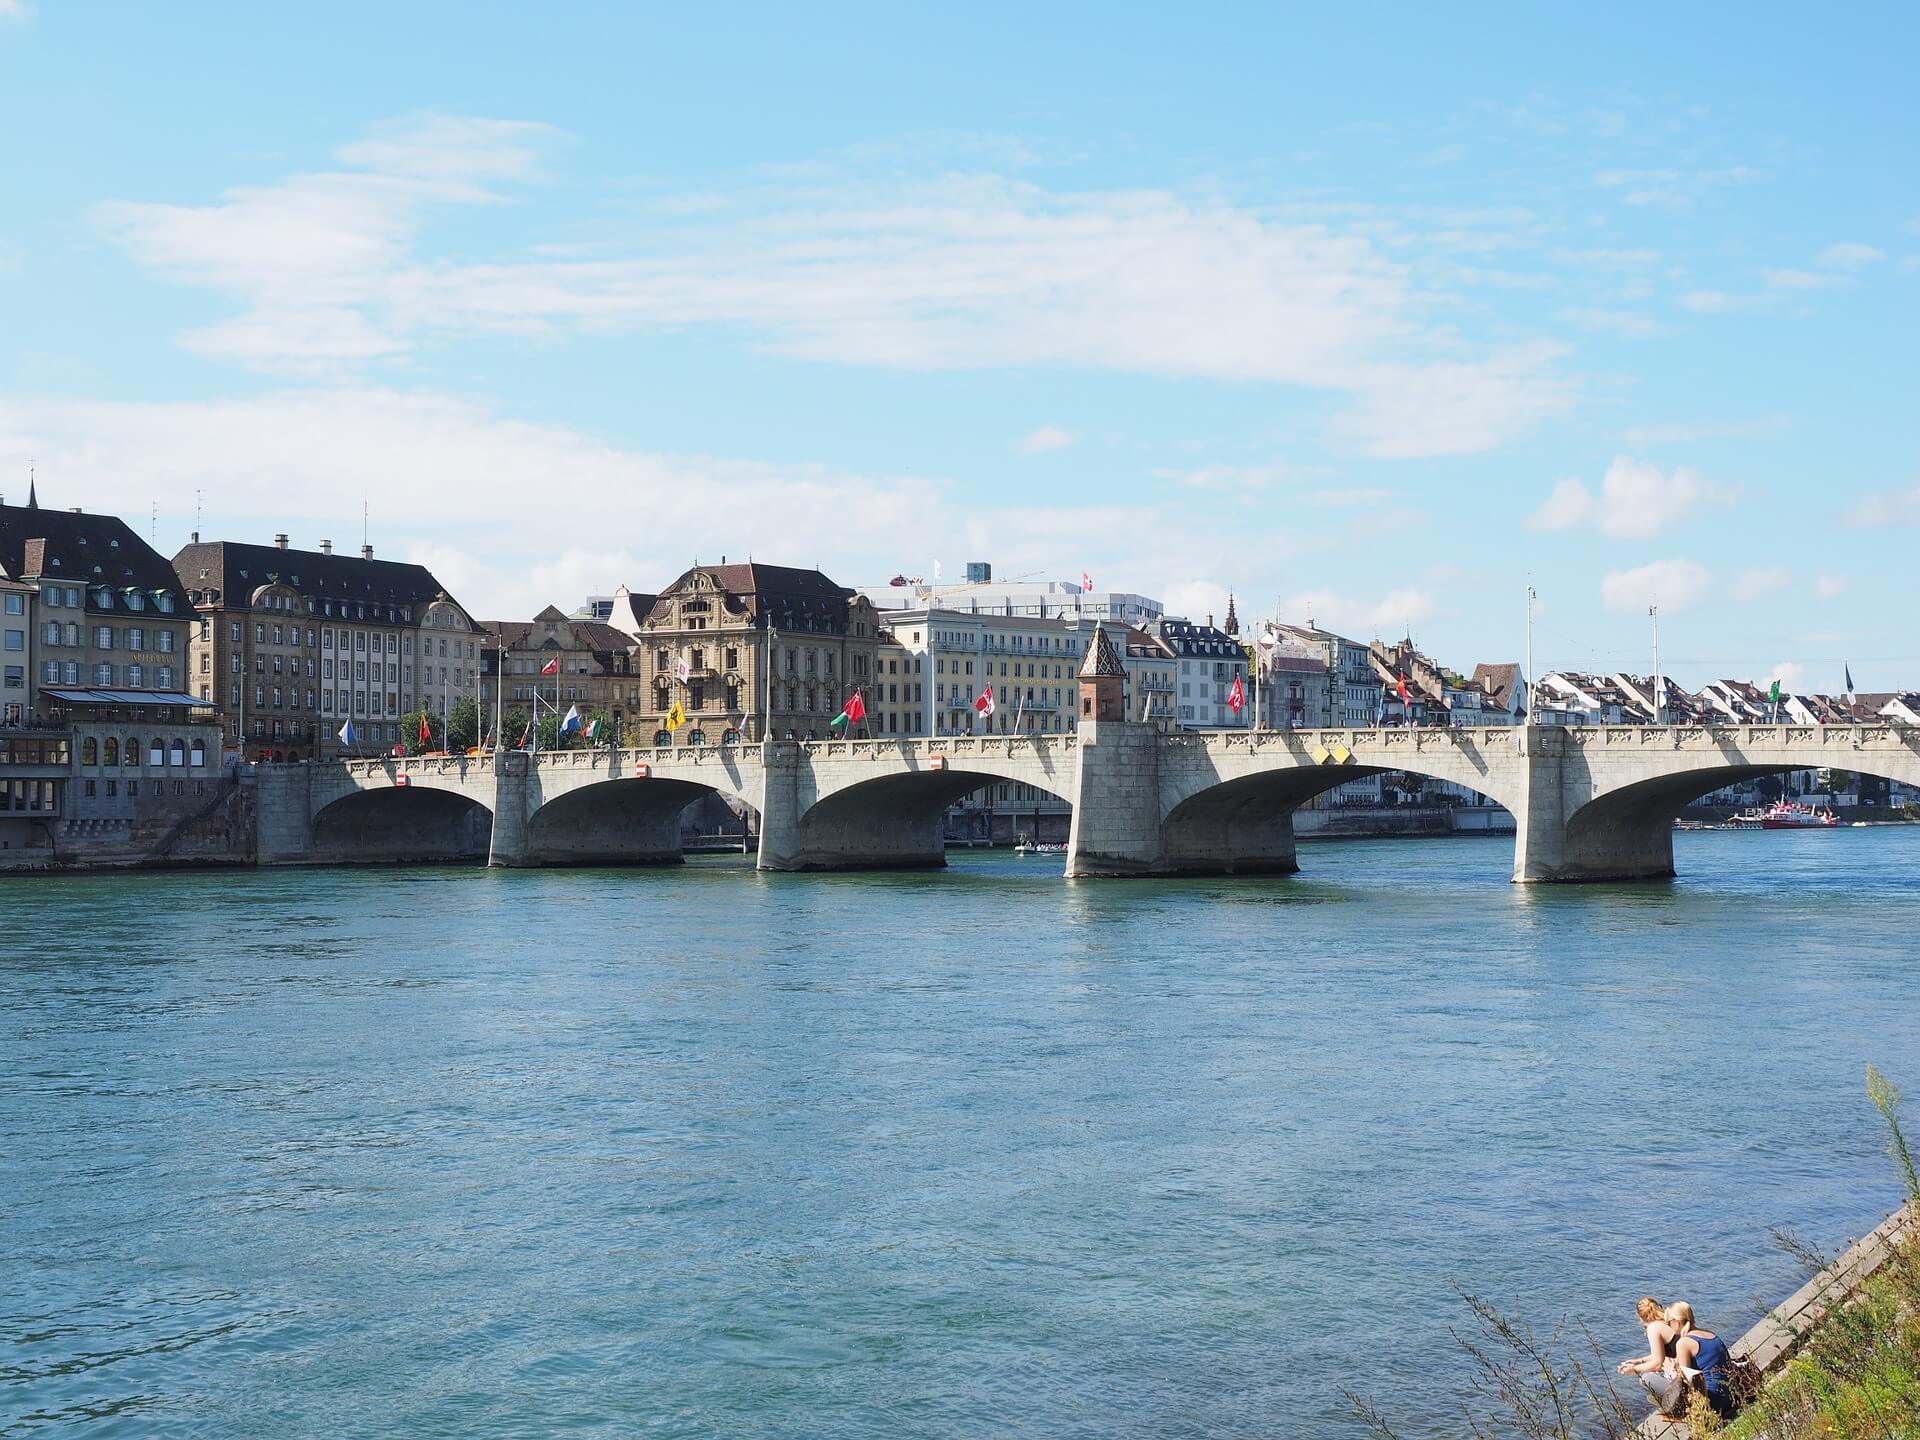 Direktflüge und Billigflüge in die Schweiz